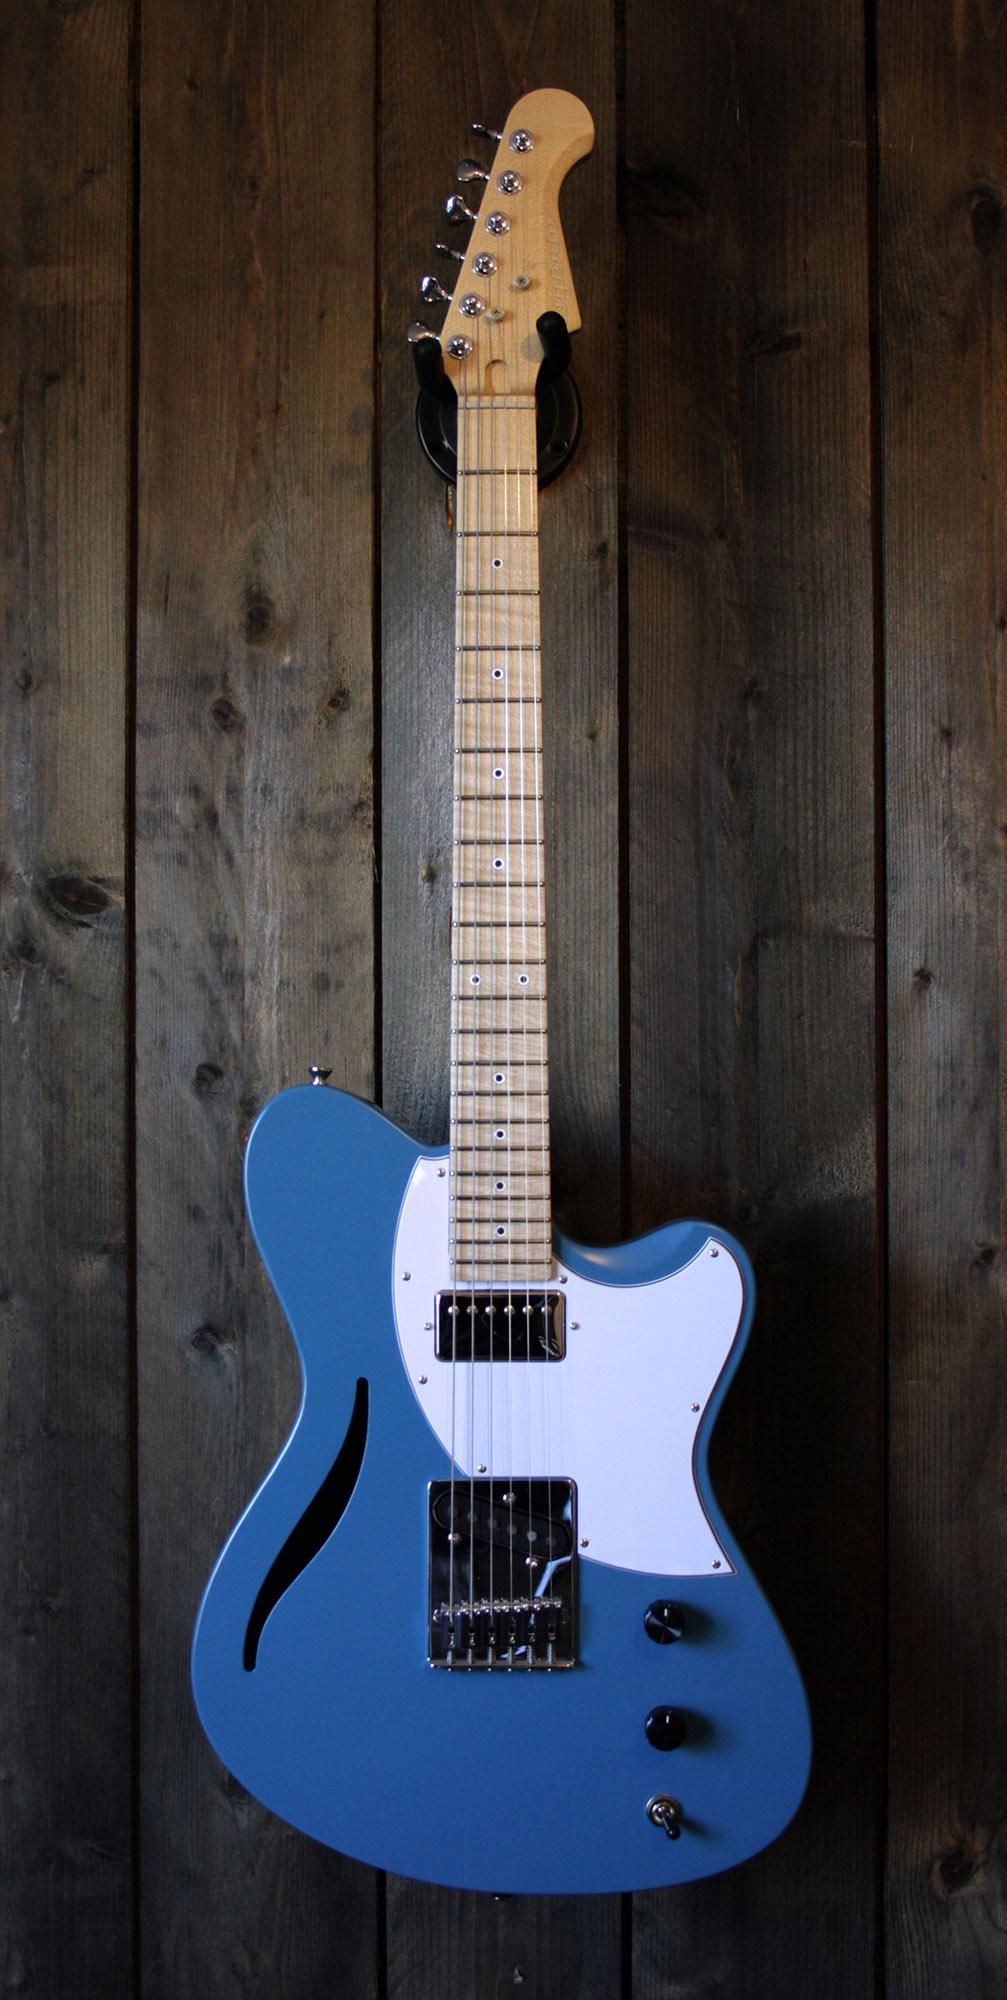 guitares électriques made in France Ligérie Sauvignon